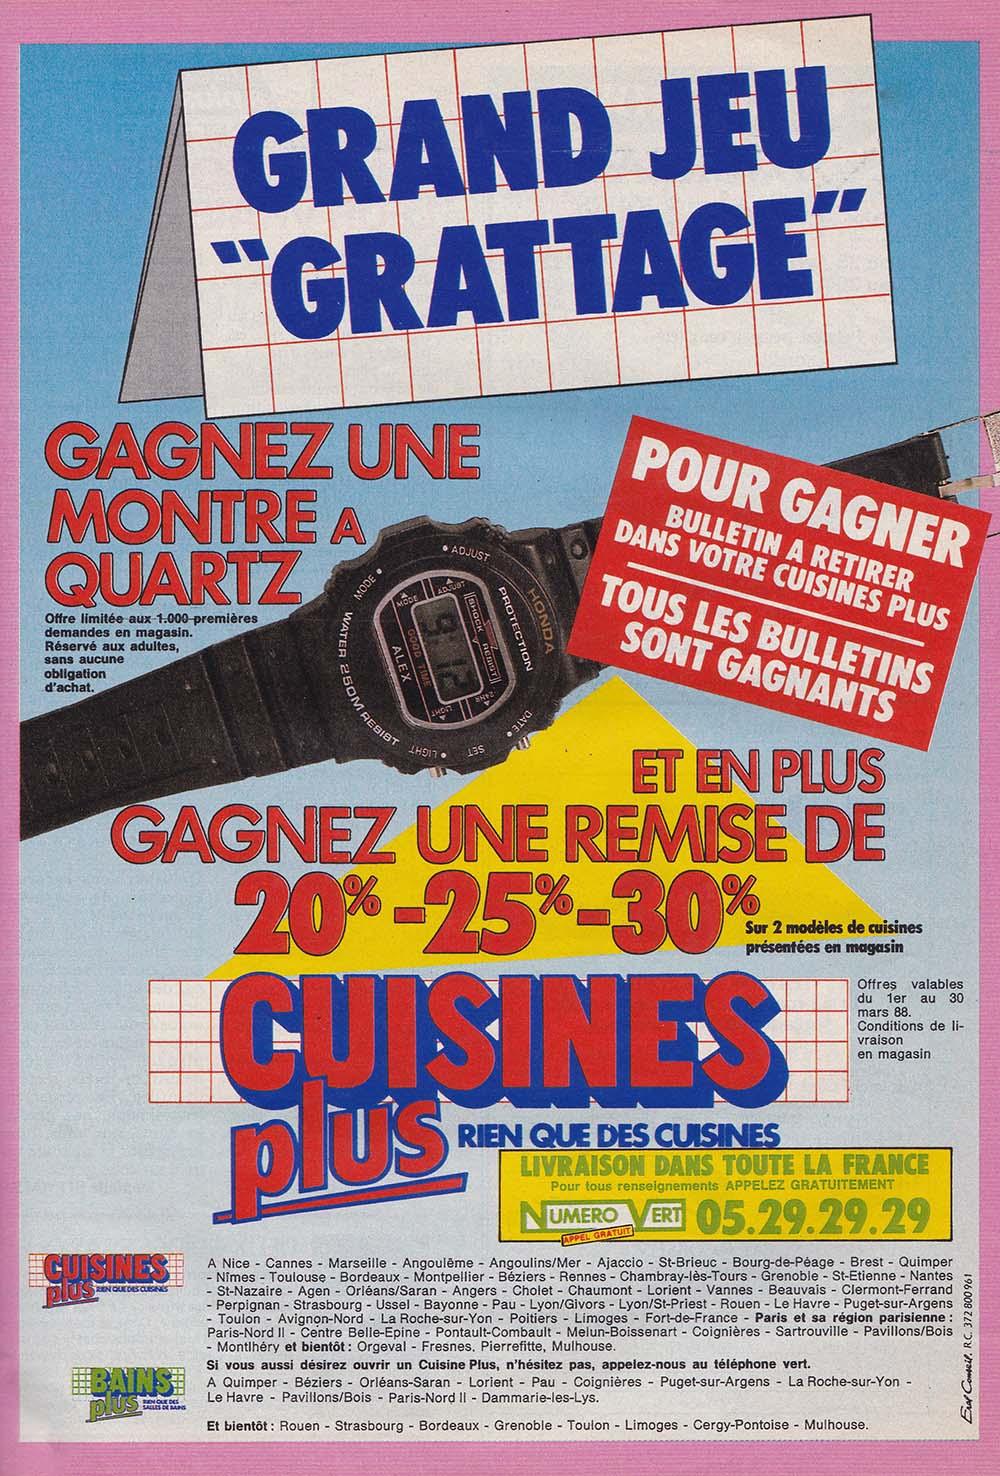 Pub Cuisine Plus (1988)